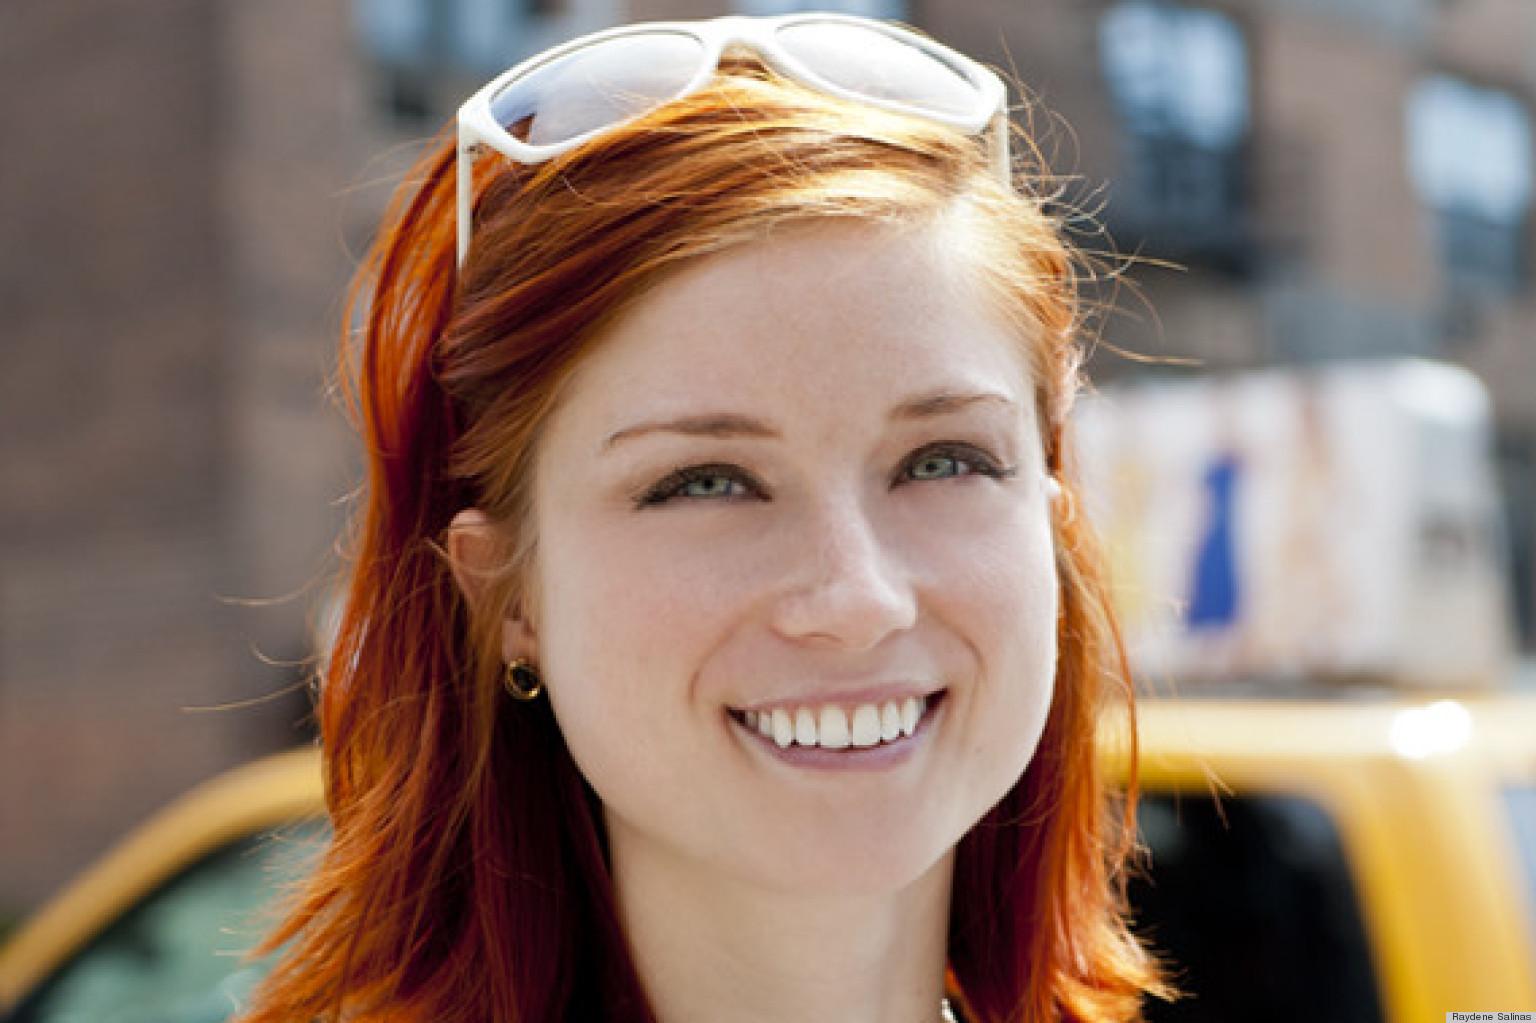 Alexandra Glorioso Nyu Data Analyst Whips Up Homemade Hair Dye